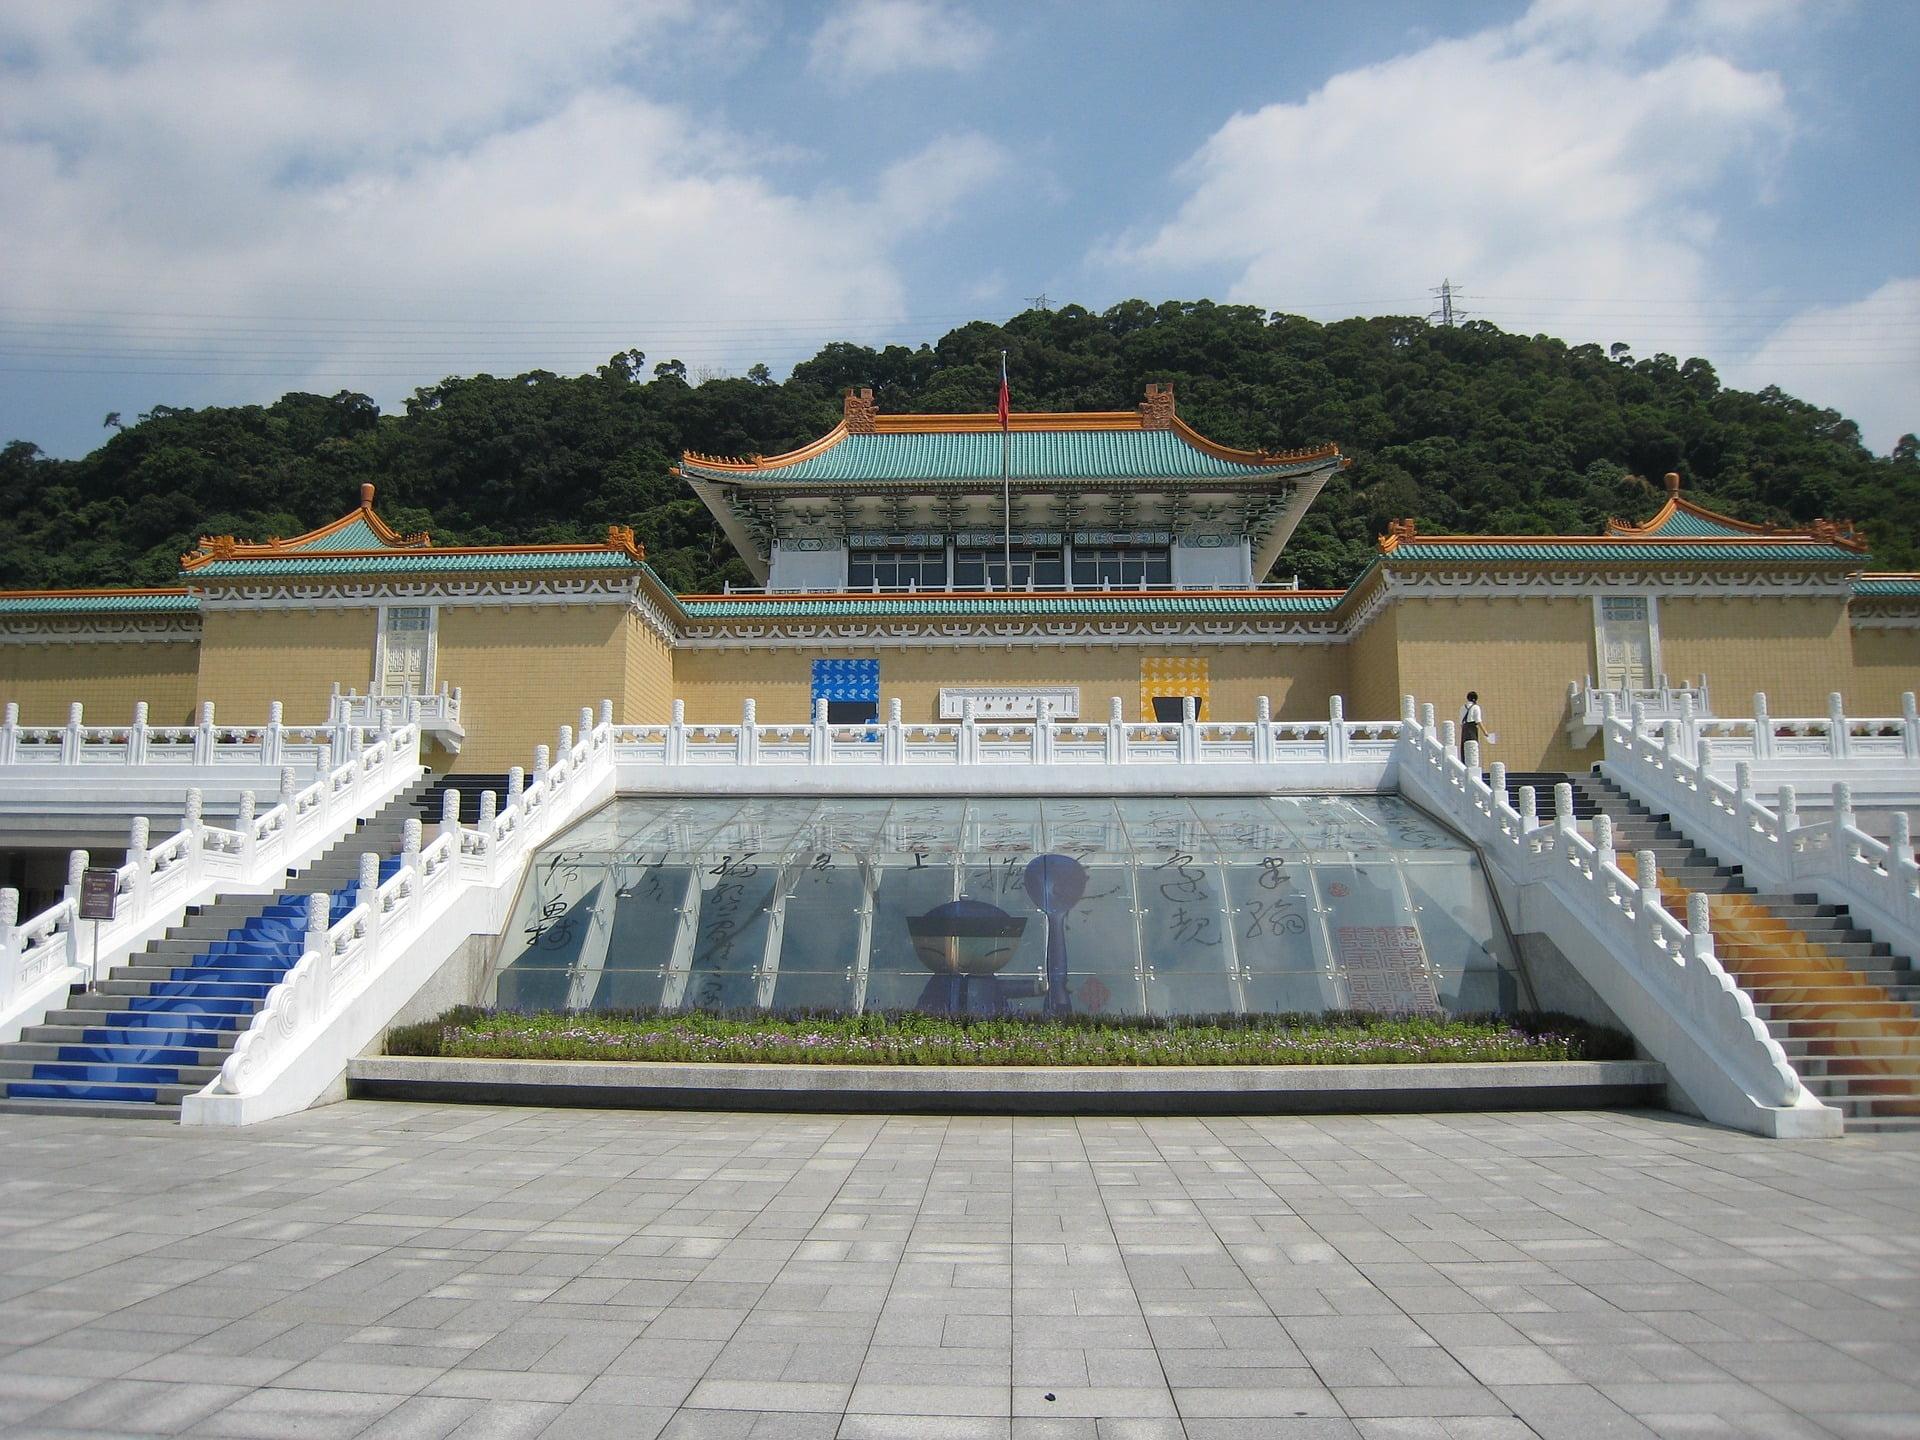 รูปภาพ : เที่ยวไต้หวัน พิพิธภัณฑ์พระราชวังแห่งชาติไต้หวัน (National Palace Museum)